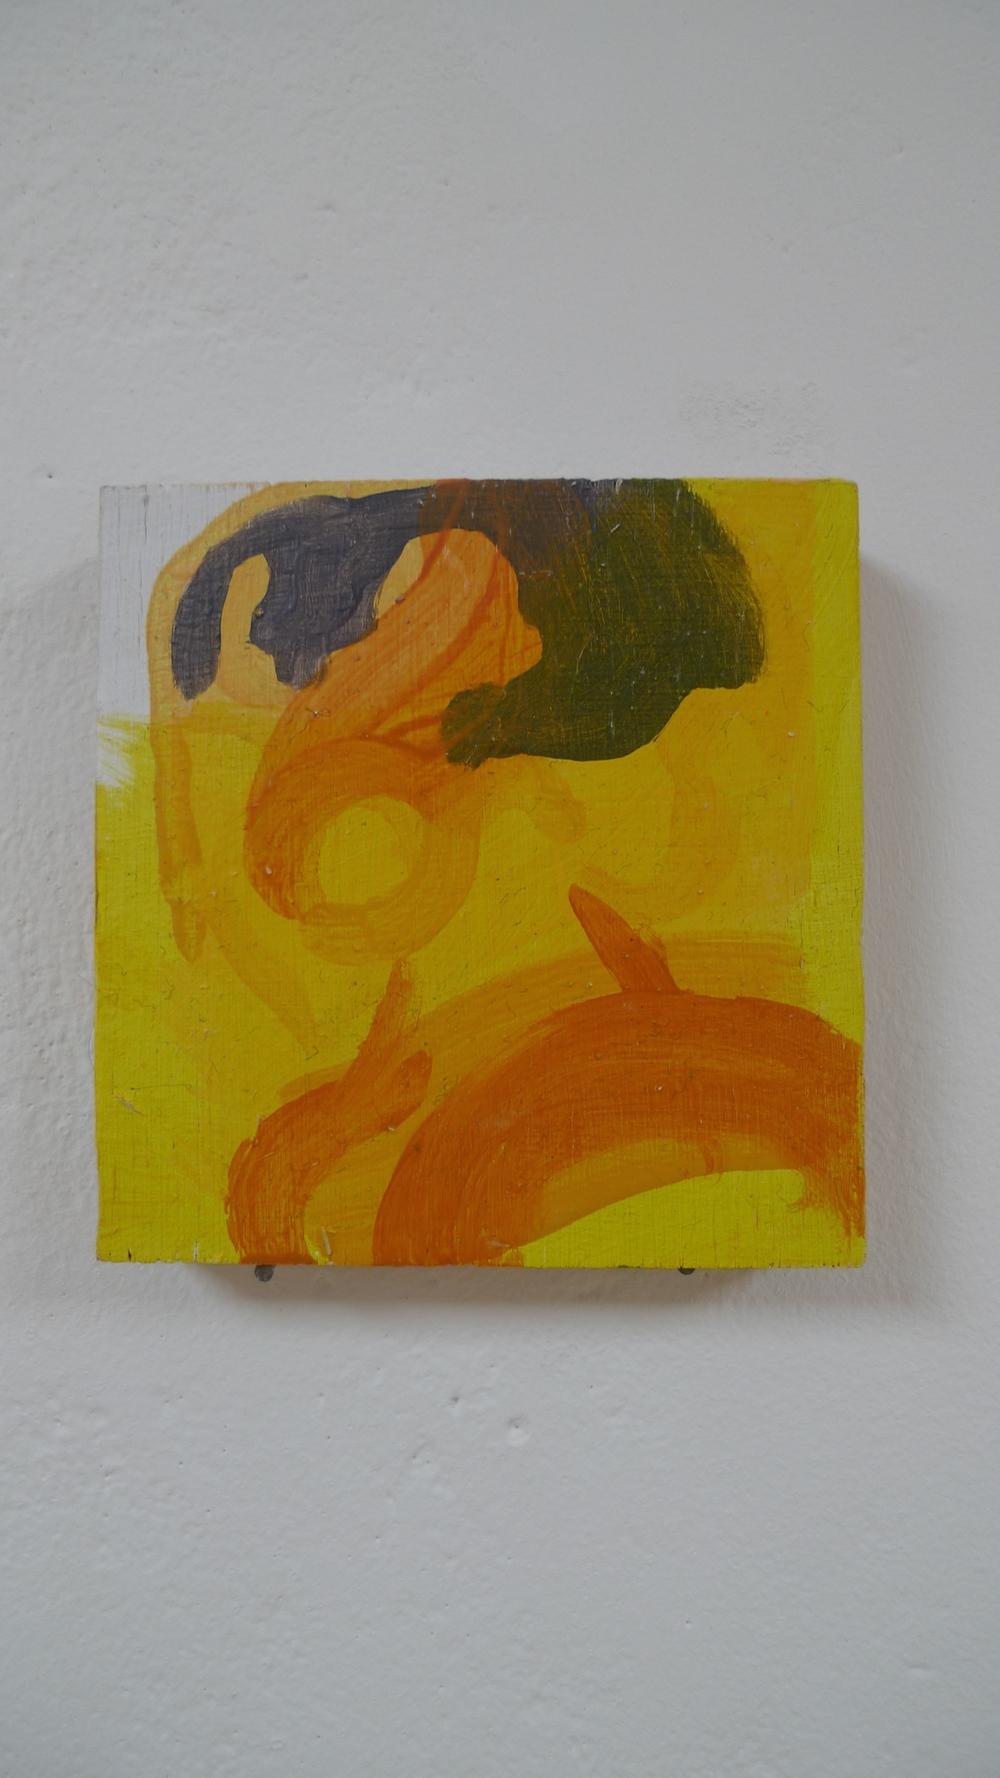 Yellow Mask, 2014